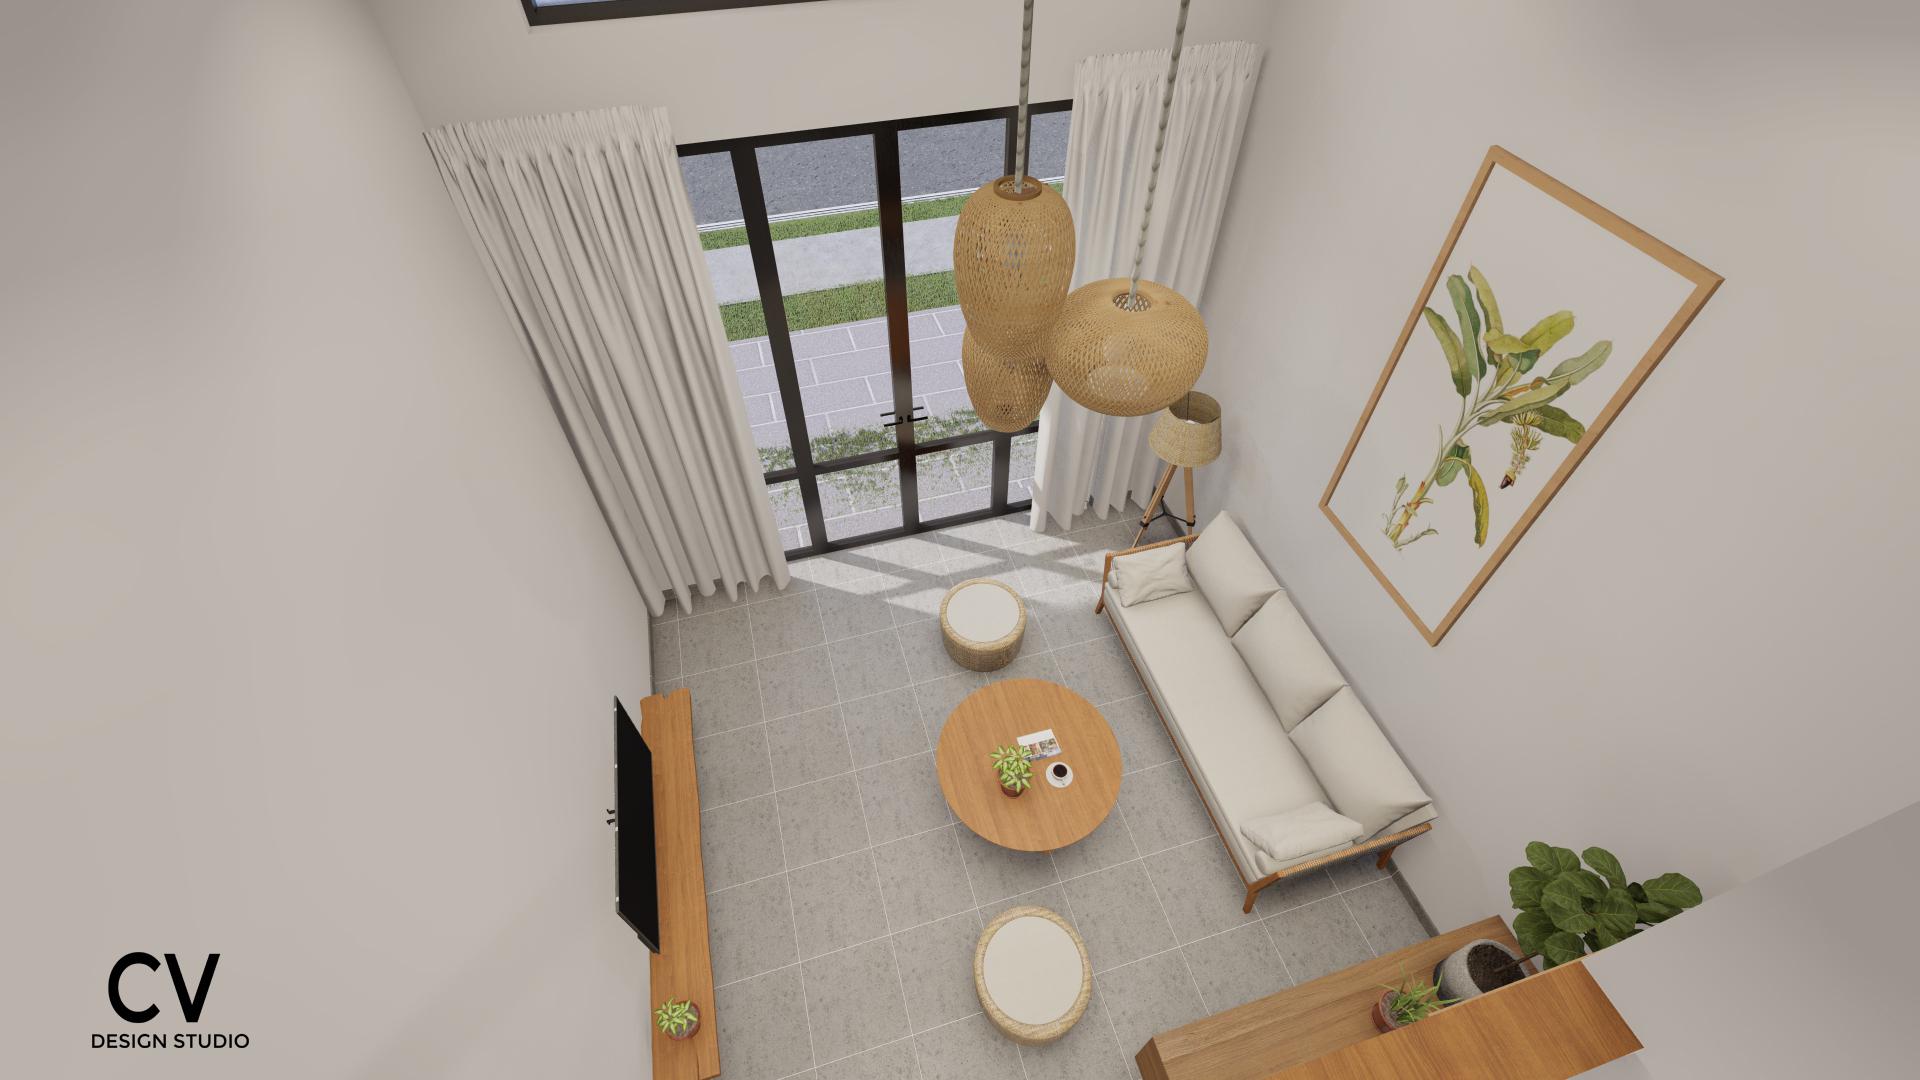 Thiết kế nội thất Nhà Mặt Phố tại An Giang H+ House 1600088020 2